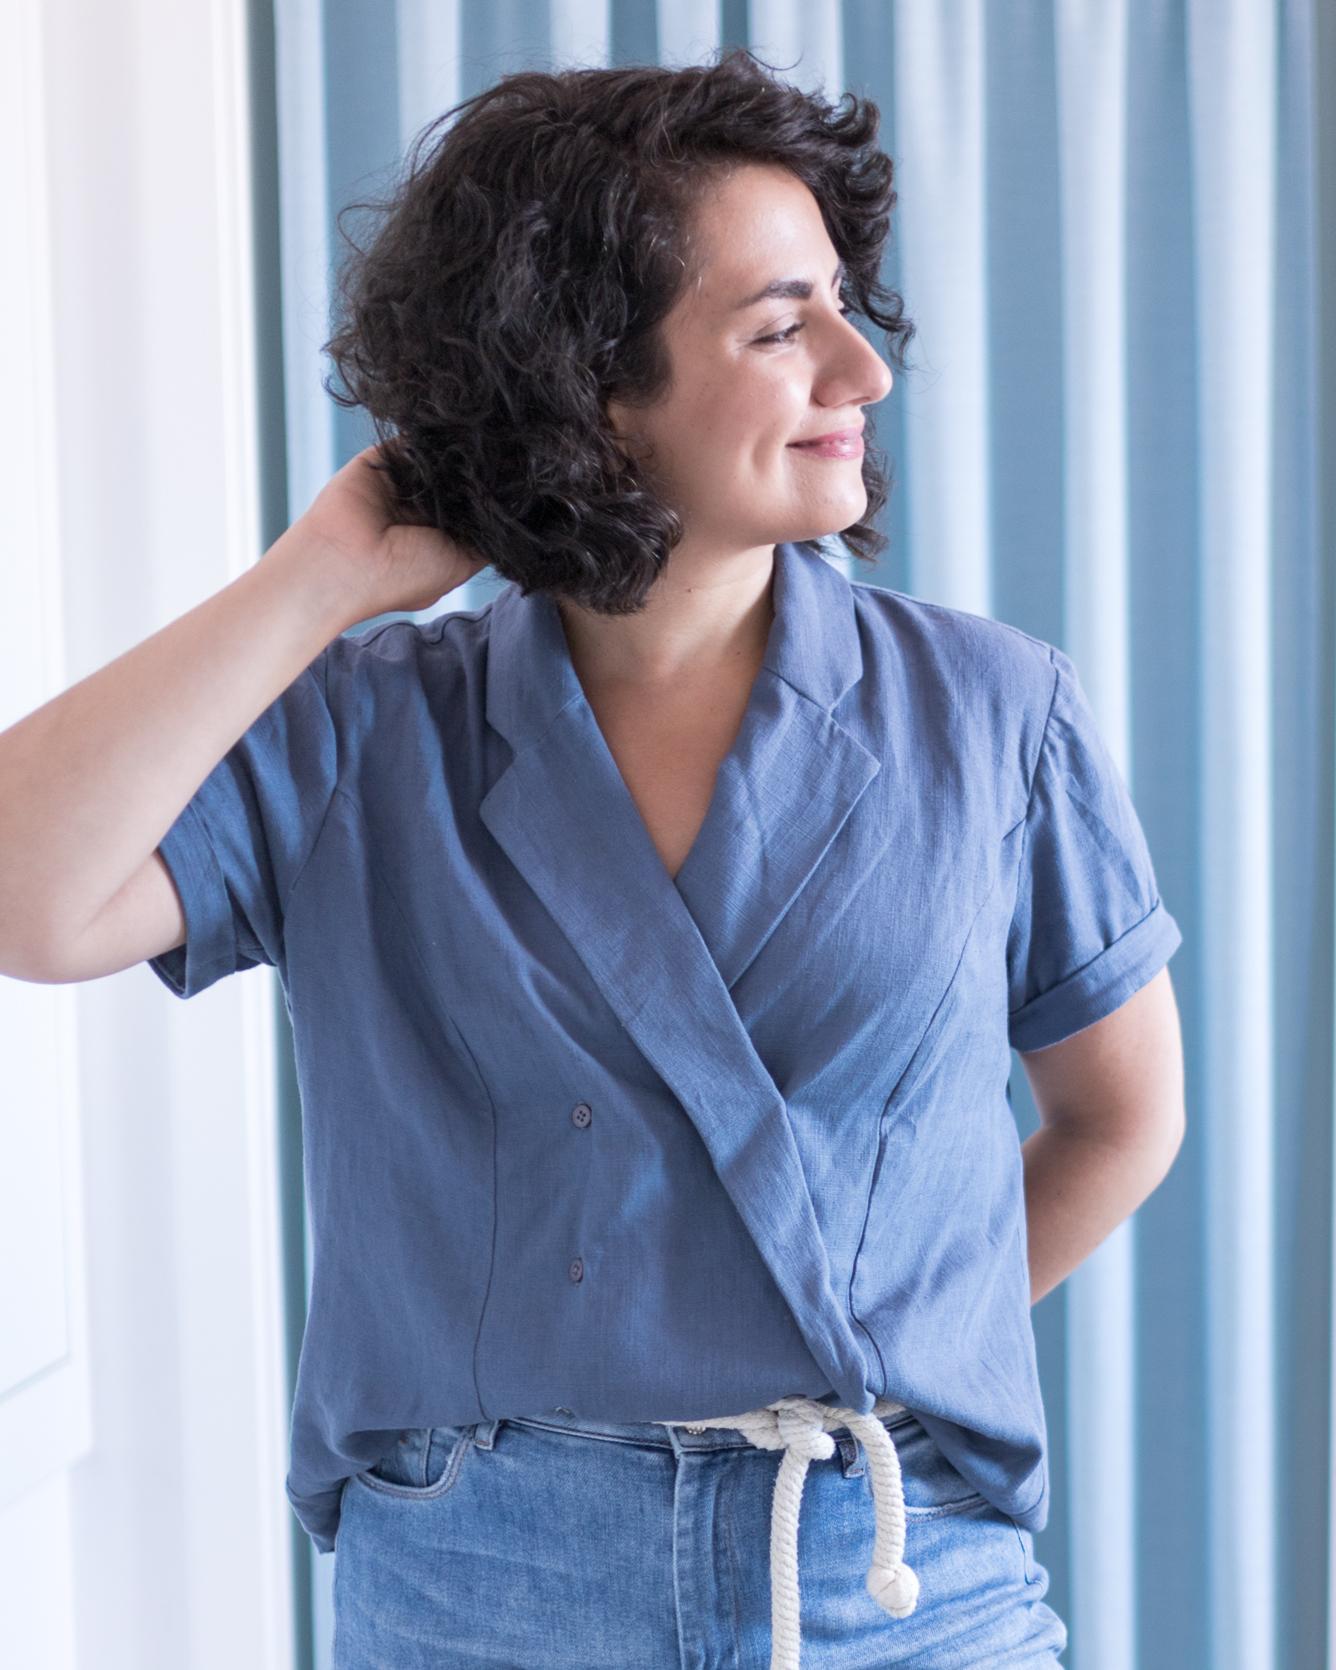 Schnittmuster Passiflore Bluse mit Reverskragen von Deer & Doe Patterns aus blauem Leinen inspiriert von Claire Fraser - Tweed & Greet